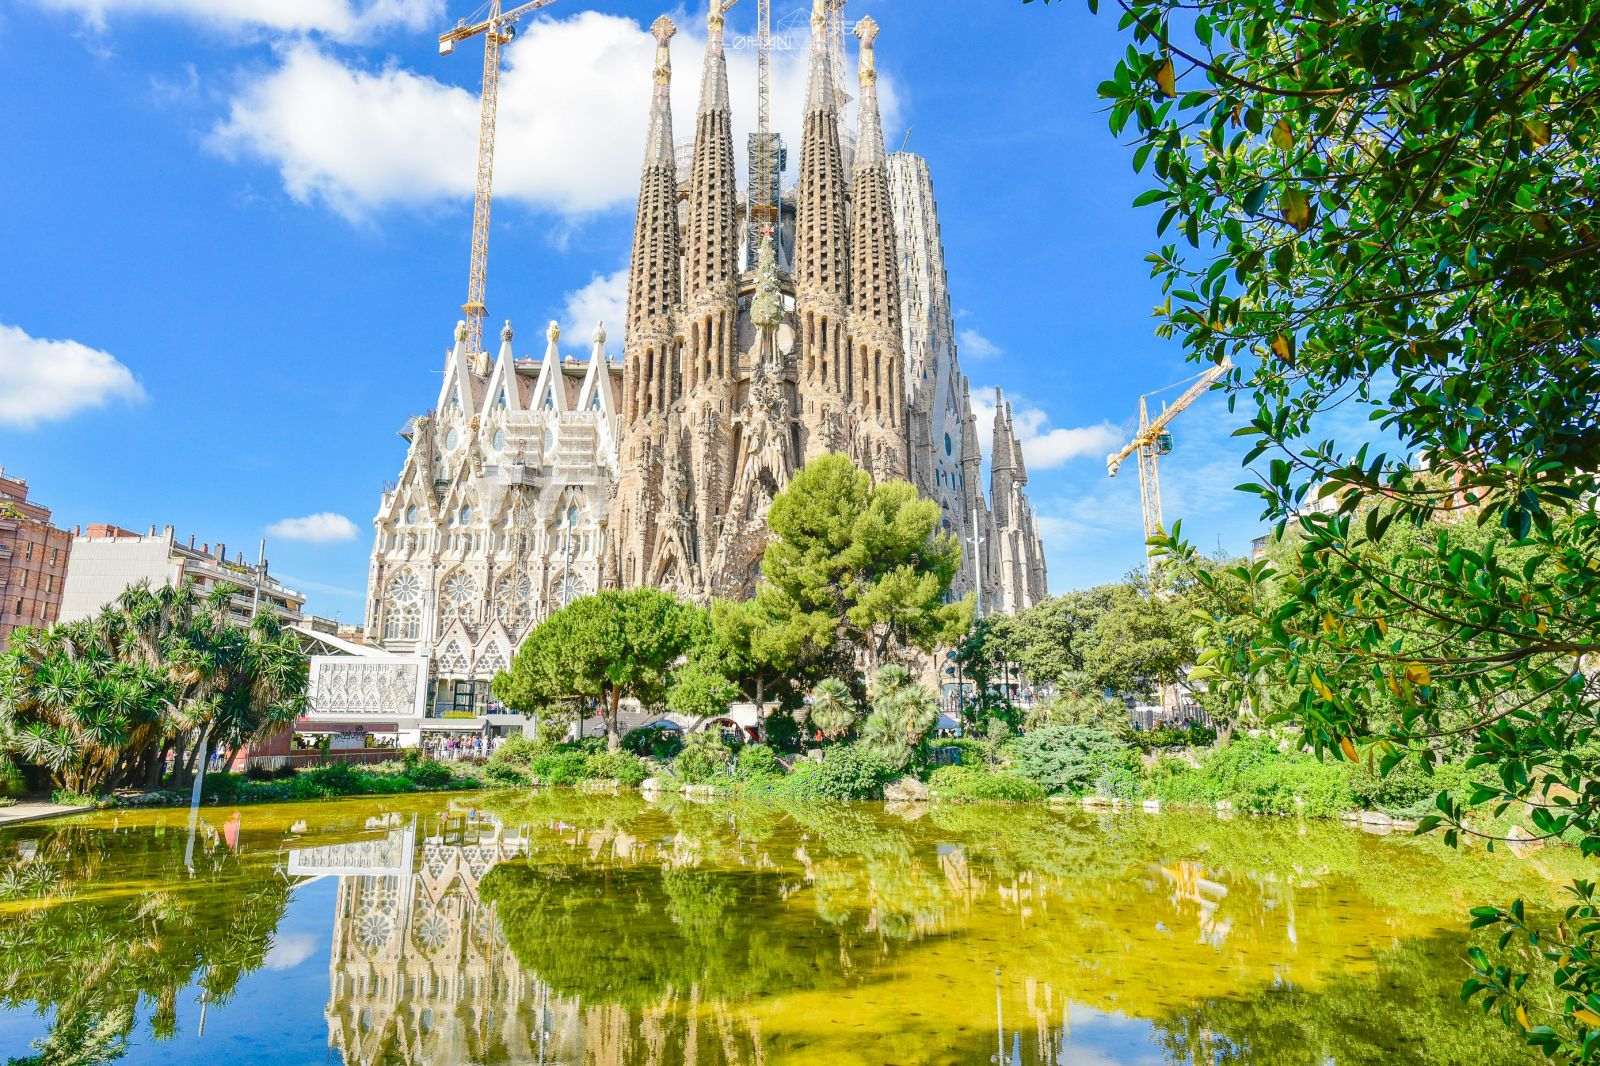 【西班牙】巴塞隆納必訪景點-聖家堂Sagrada Família之線上購票及登塔分享 – 老漢推一把